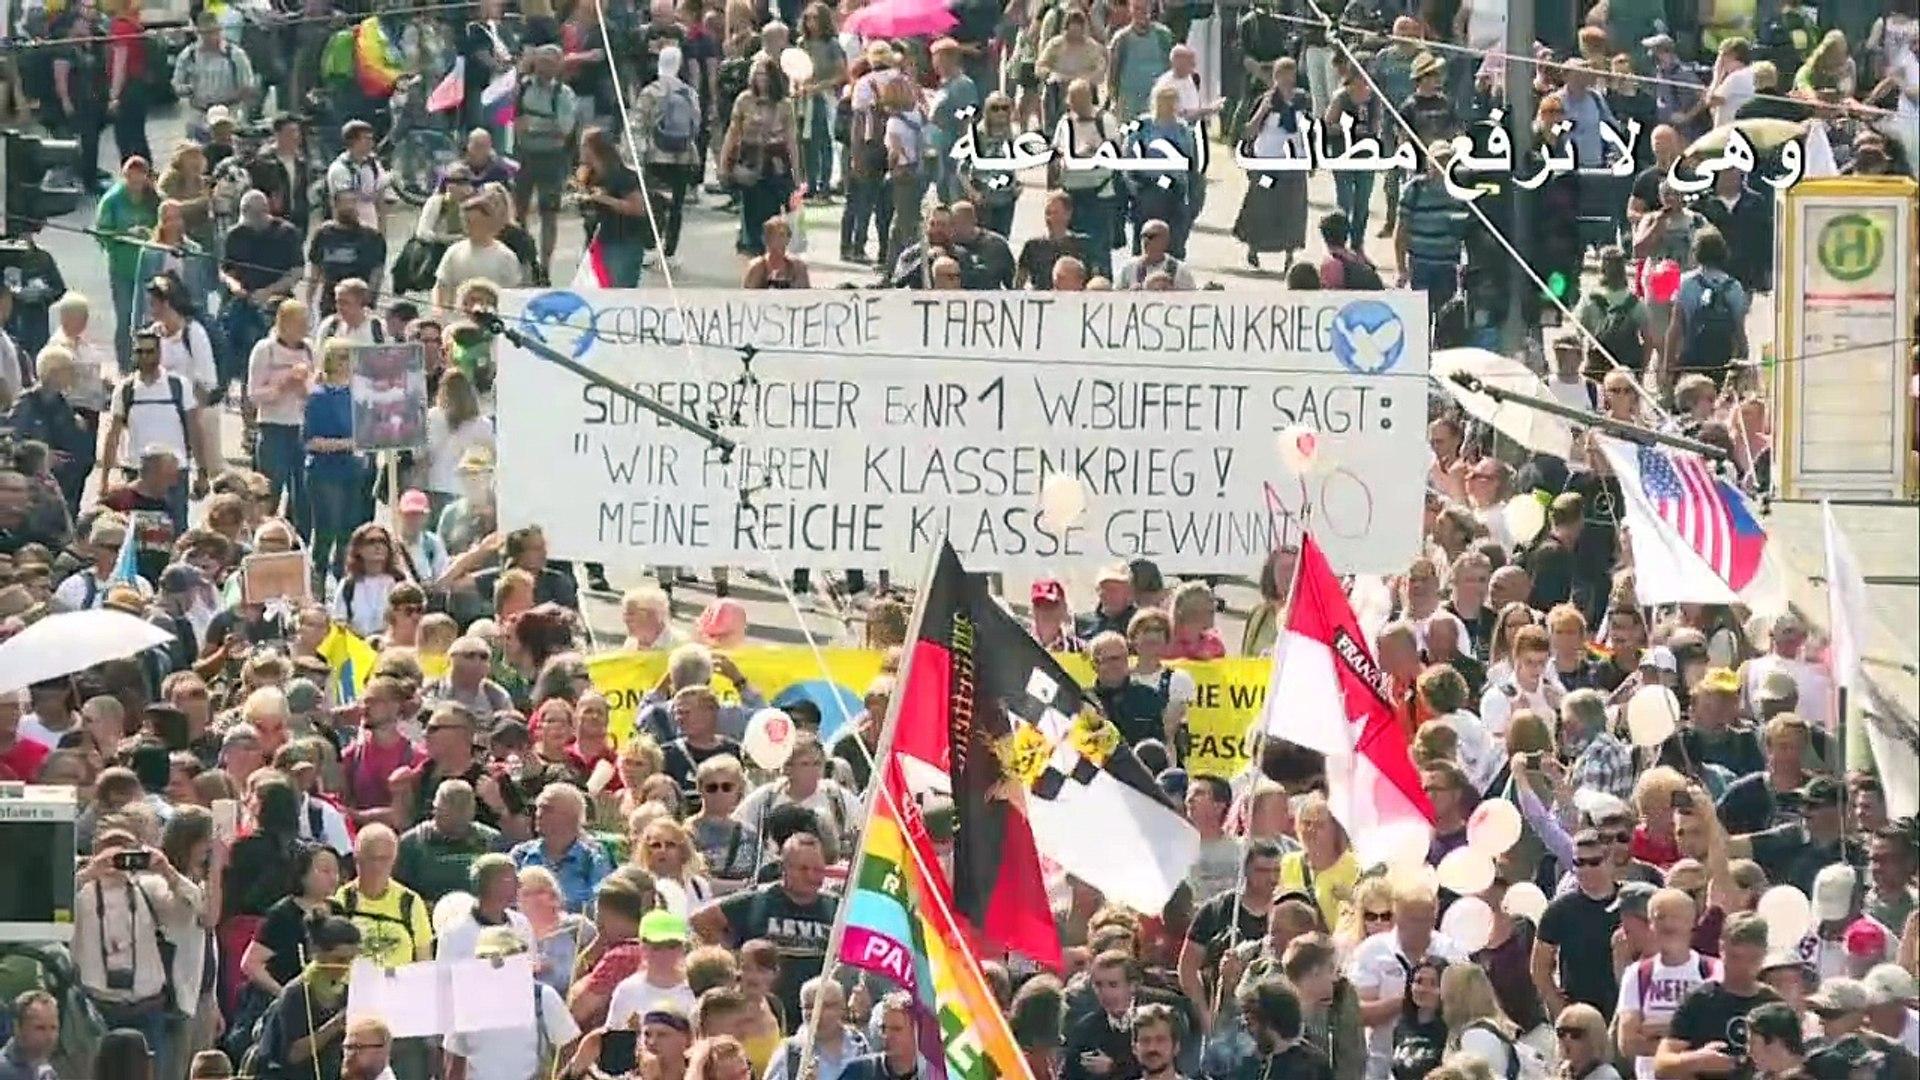 الشرطة تفرق تظاهرة في برلين لمعارضي تدابير احتواء كورونا